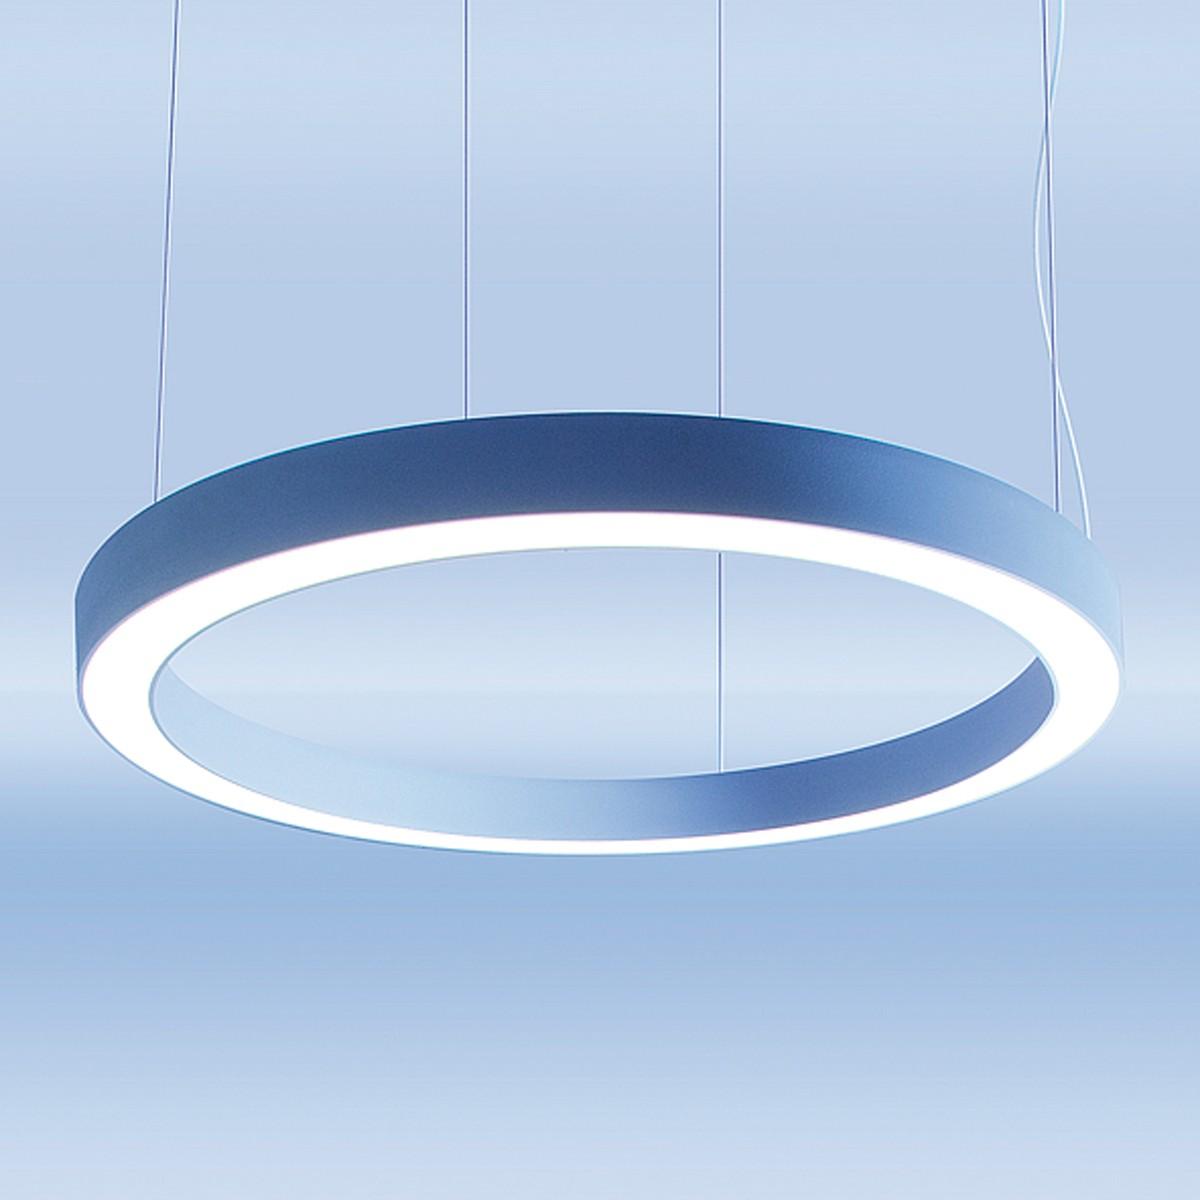 Lightnet Ringo Star-P1 Pendelleuchte, Zentralabhängung, Ø: 60 cm, Silber matt